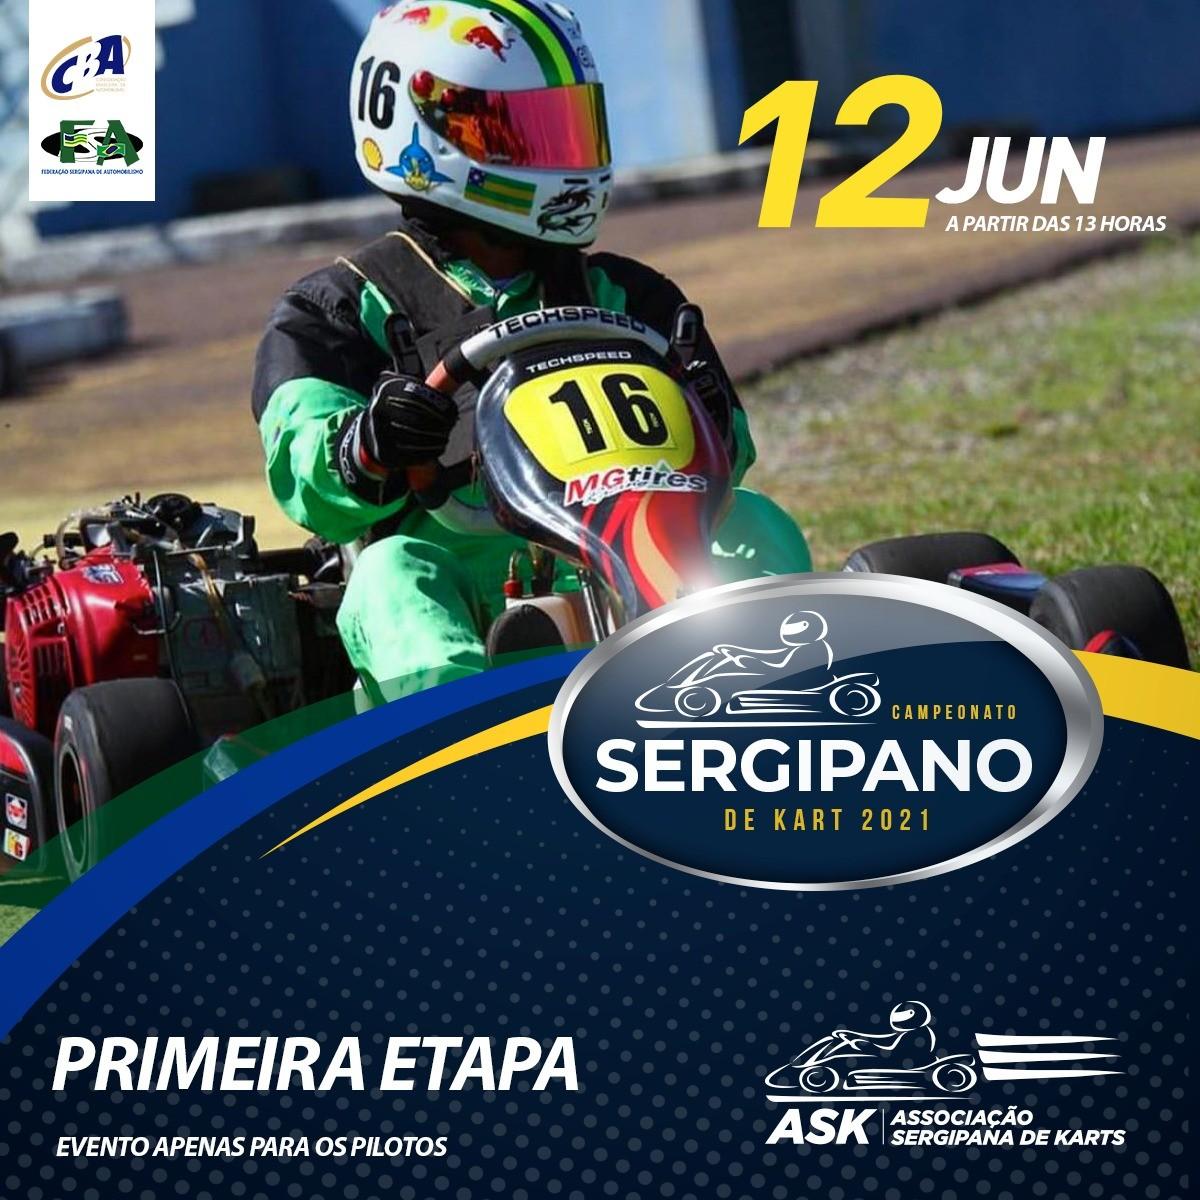 Primeira etapa do Campeonato Sergipano de Kart acontece neste sábado, 12/06 (Imagem: FM Assessoria)